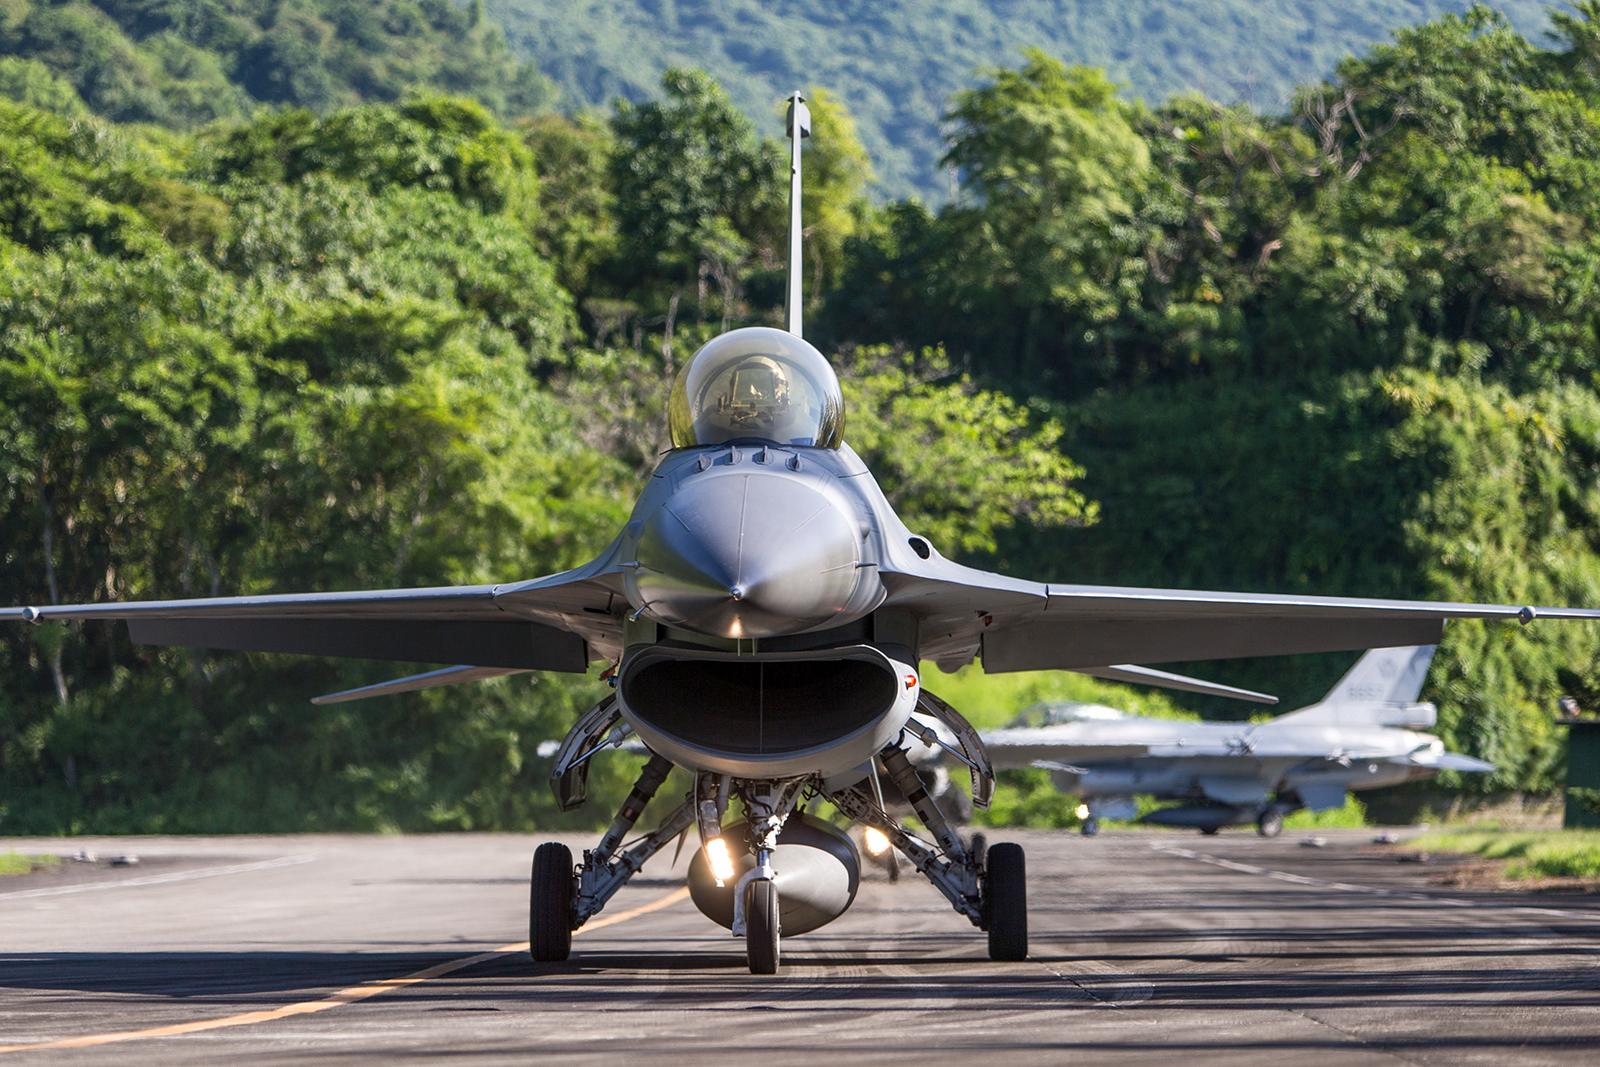 2020年7月13日,漢光演習將演練F-16等主力戰機在高速公路降落。(國防部提供)